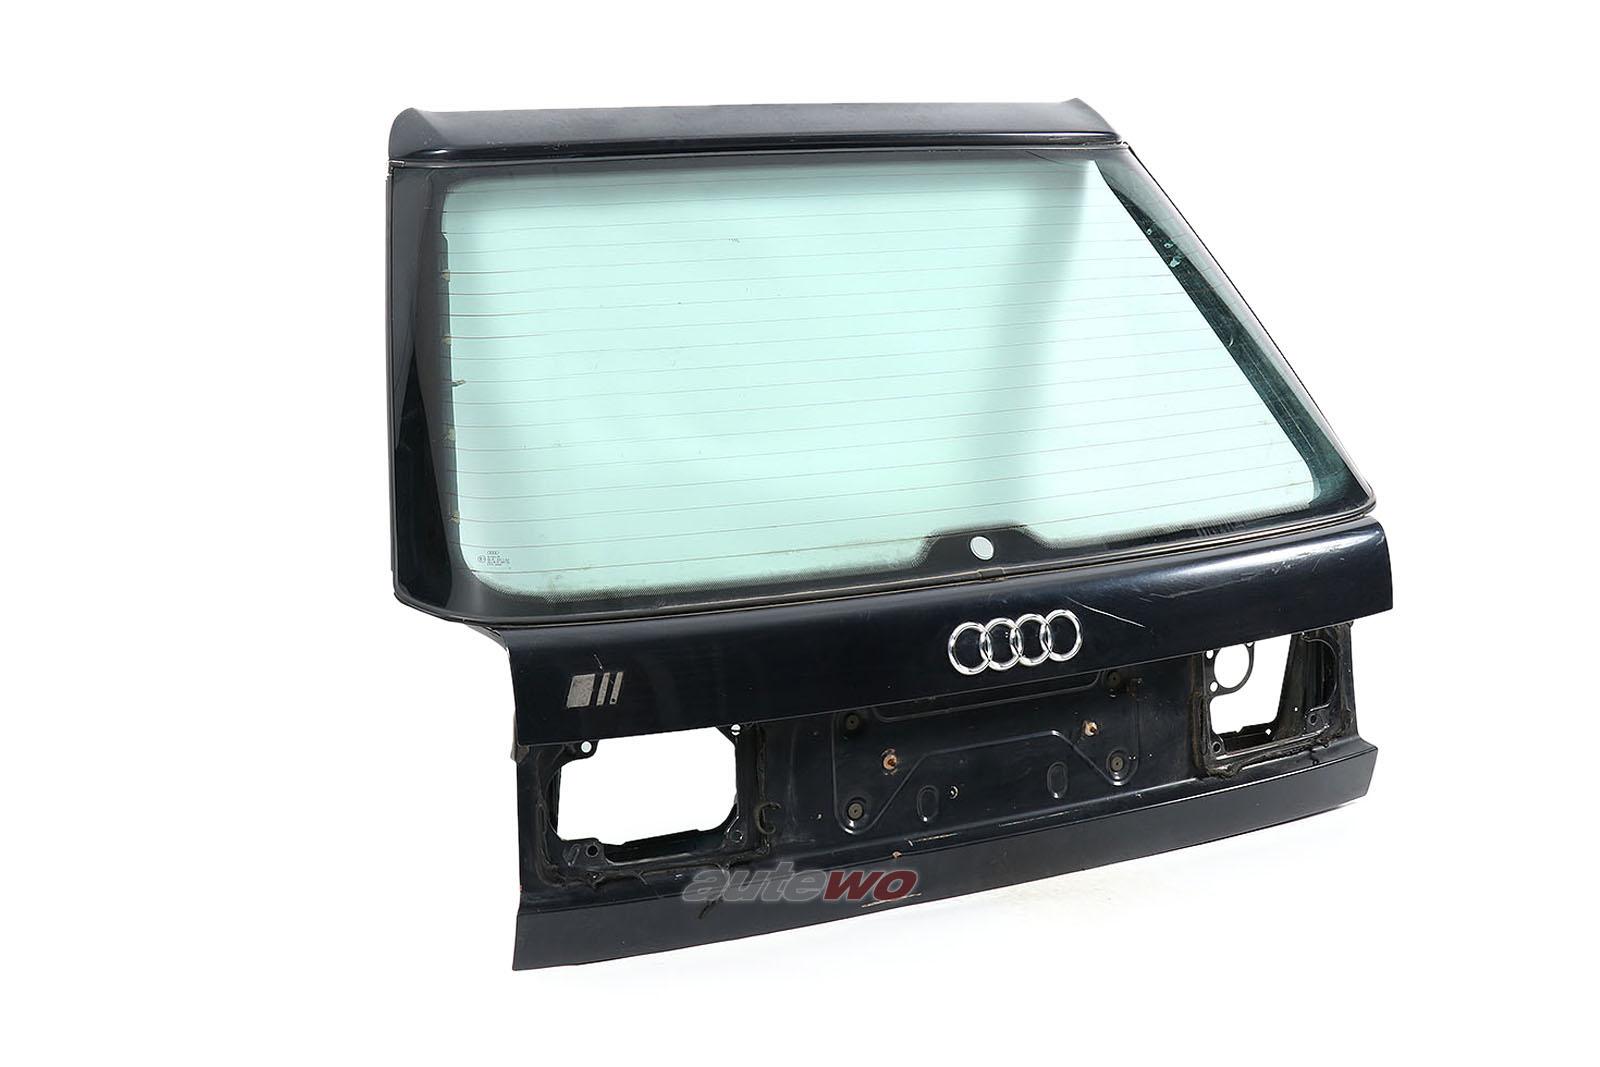 4A9827023AA/4A9845501CQ Audi 100/S4/A6/S6+ C4 Avant Heckklappe dunkelblau